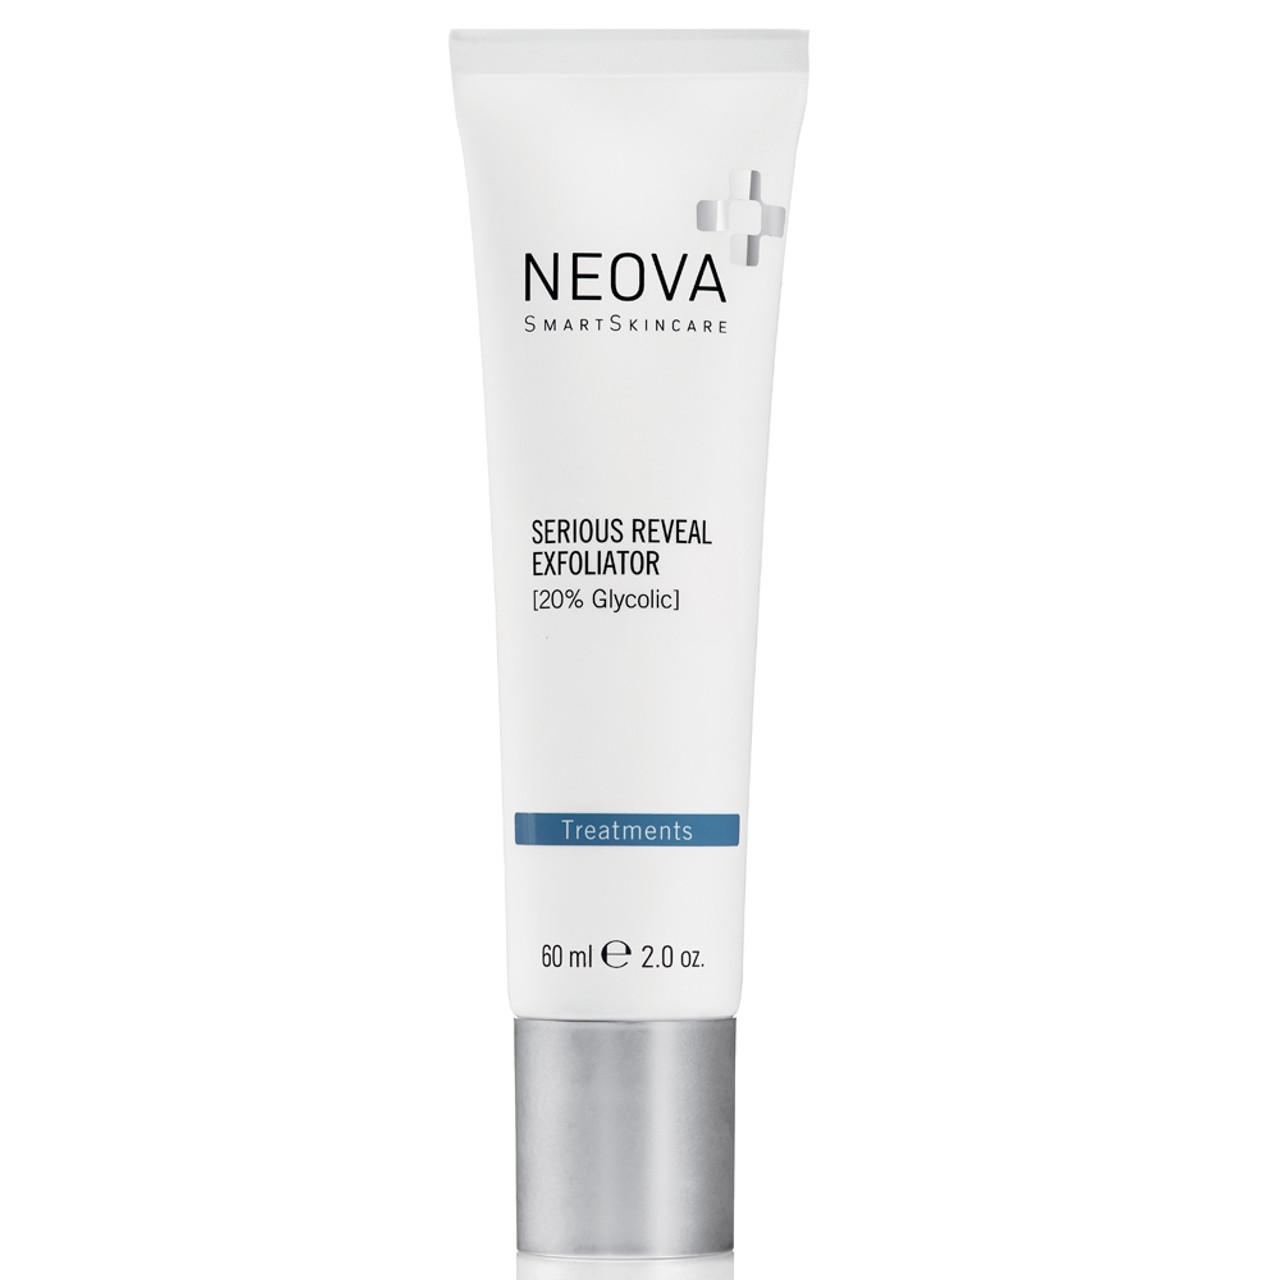 Neova Serious Reveal Exfoliator [20% Glycolic]